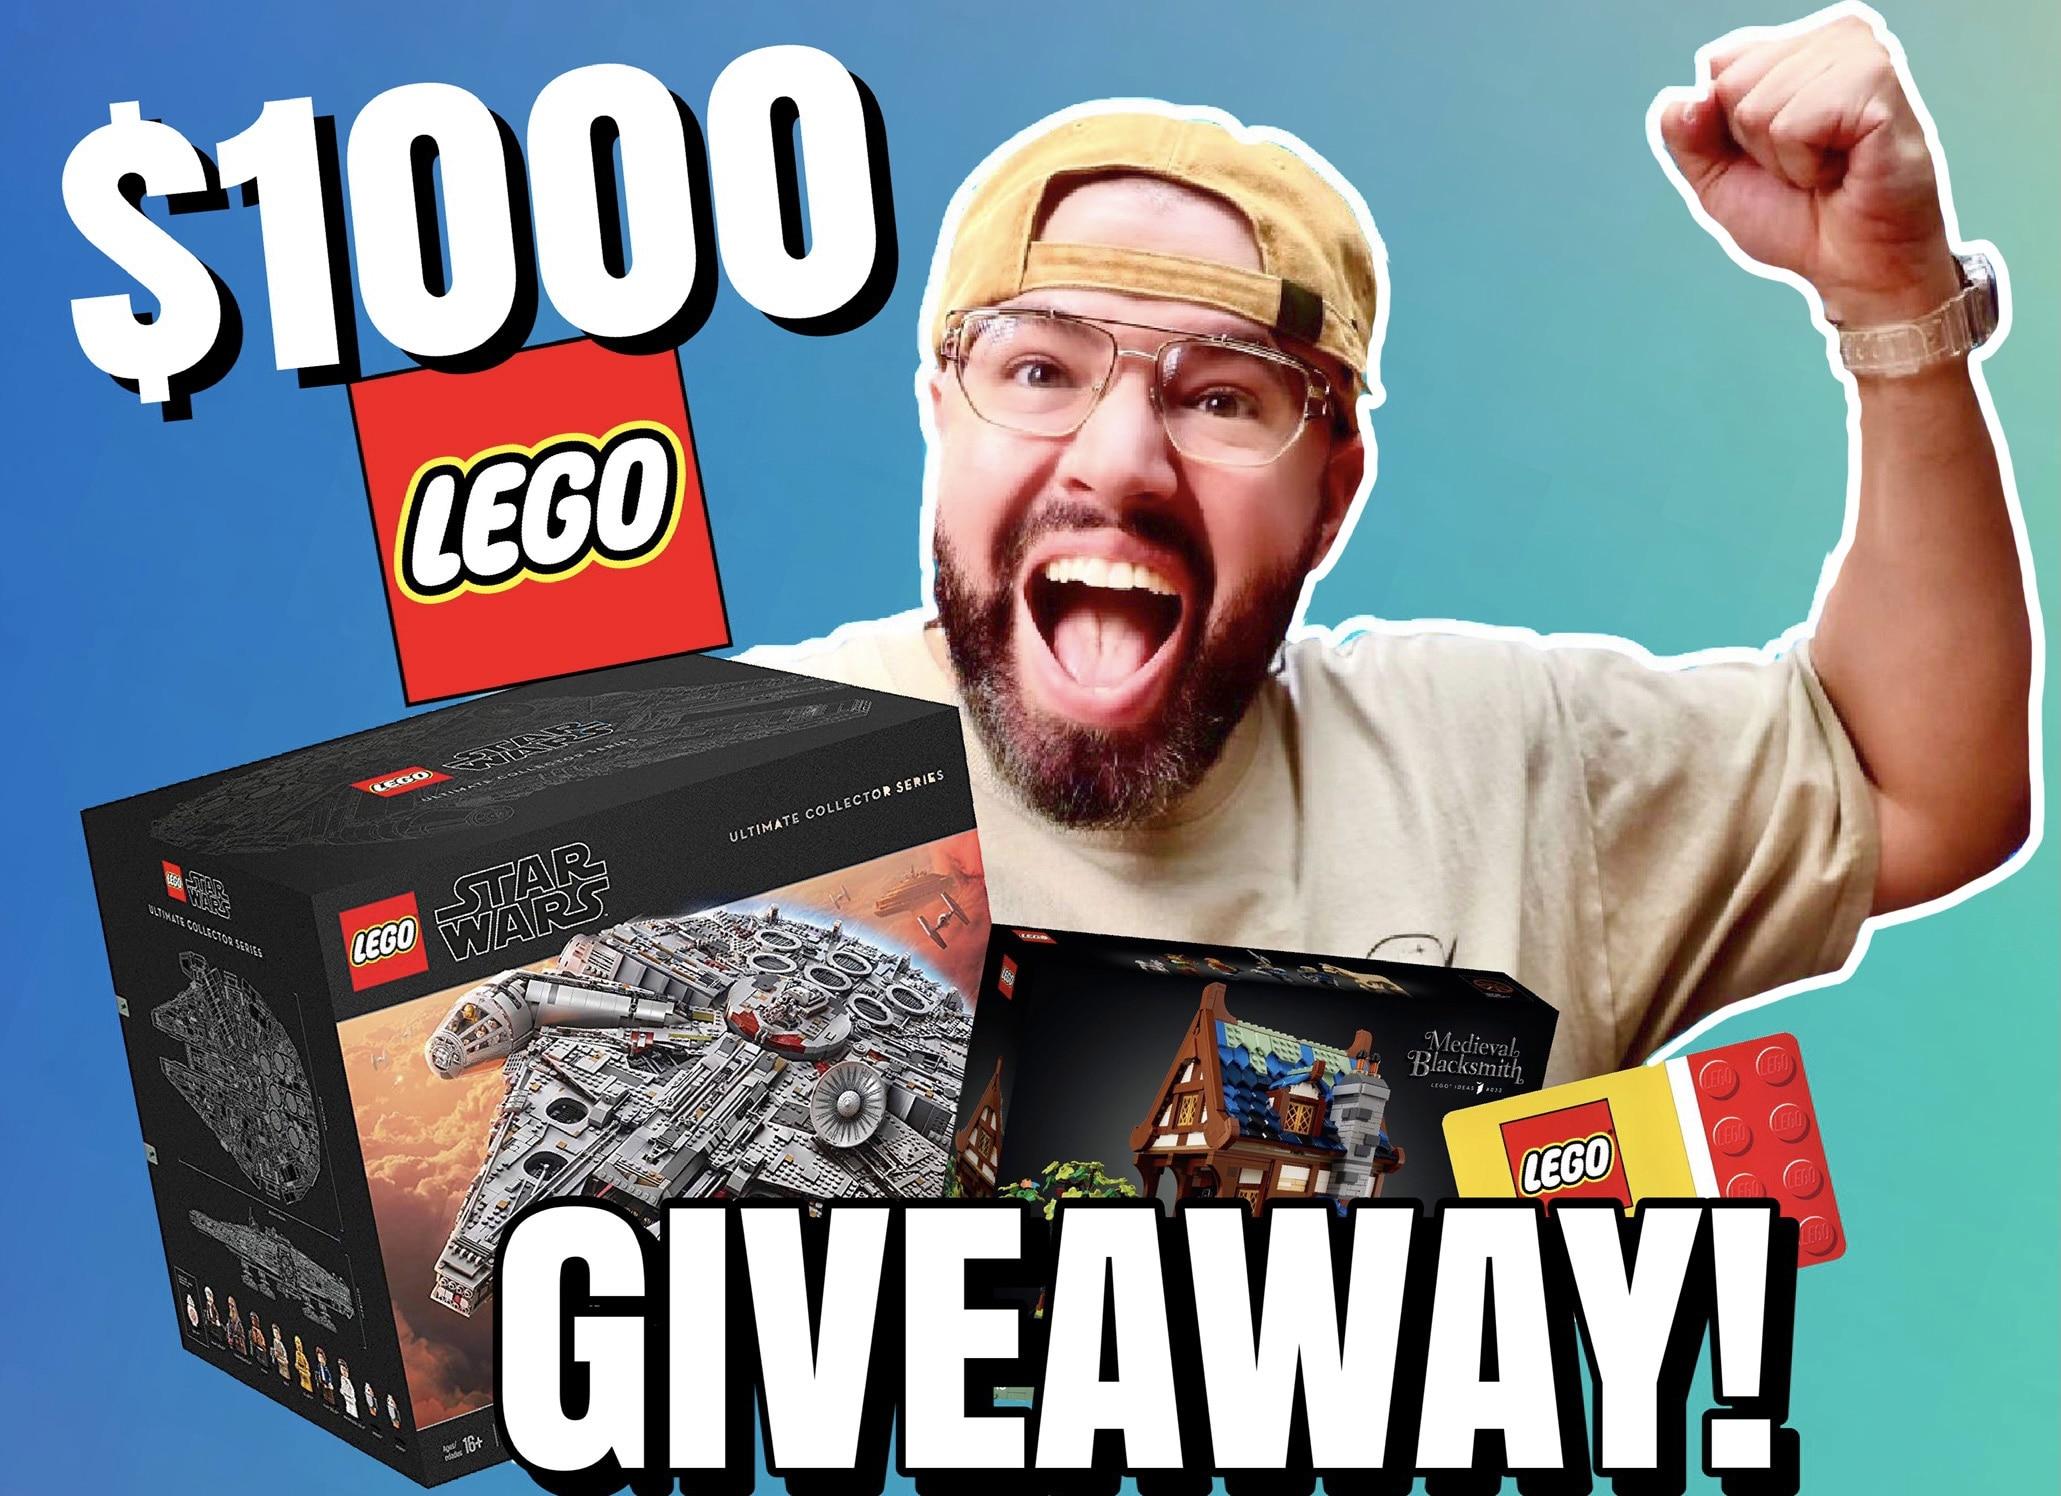 $1000 LEGO GIVEAWAY! 20K Subscriber Celebration! Giveaway Image